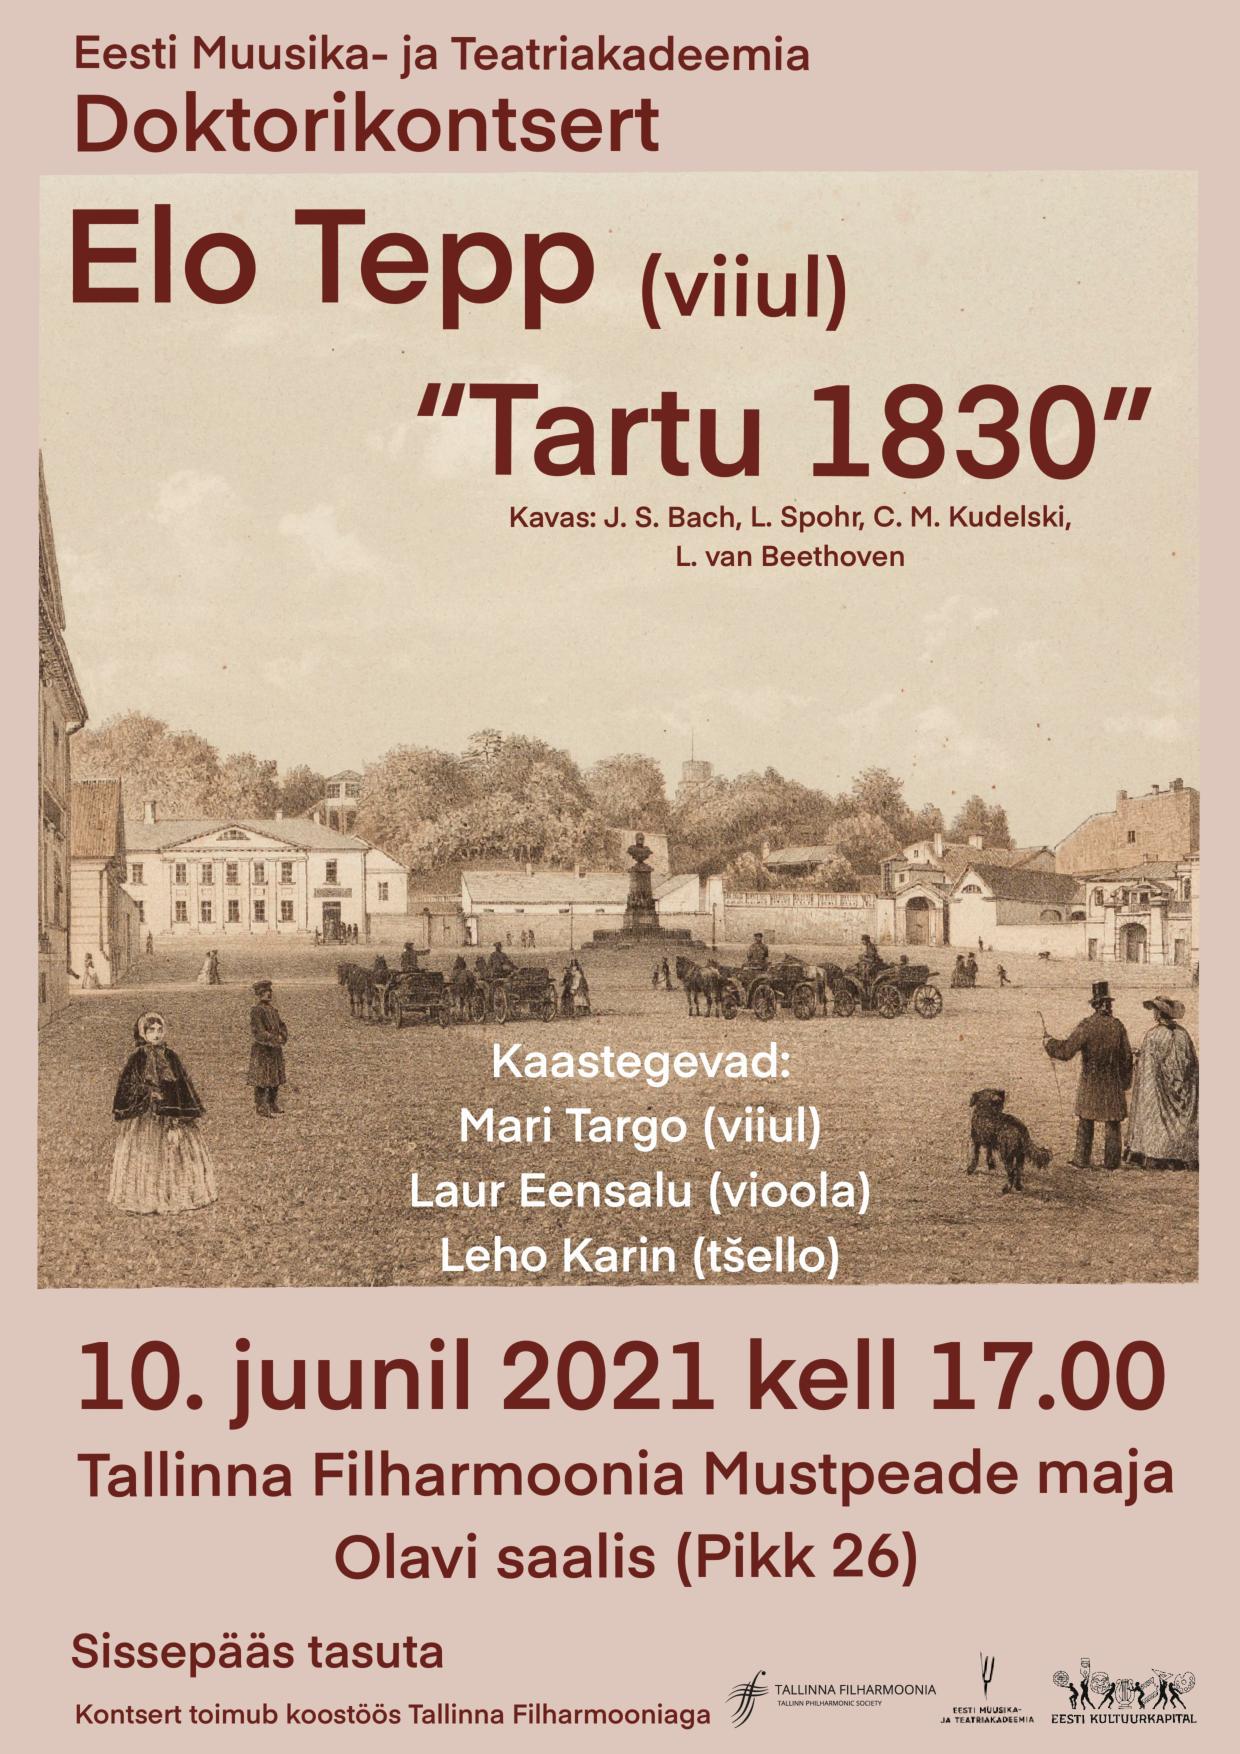 Eesti Muusika- ja Teatriakadeemia Doktorikontsert - Elo Tepp (viiul)